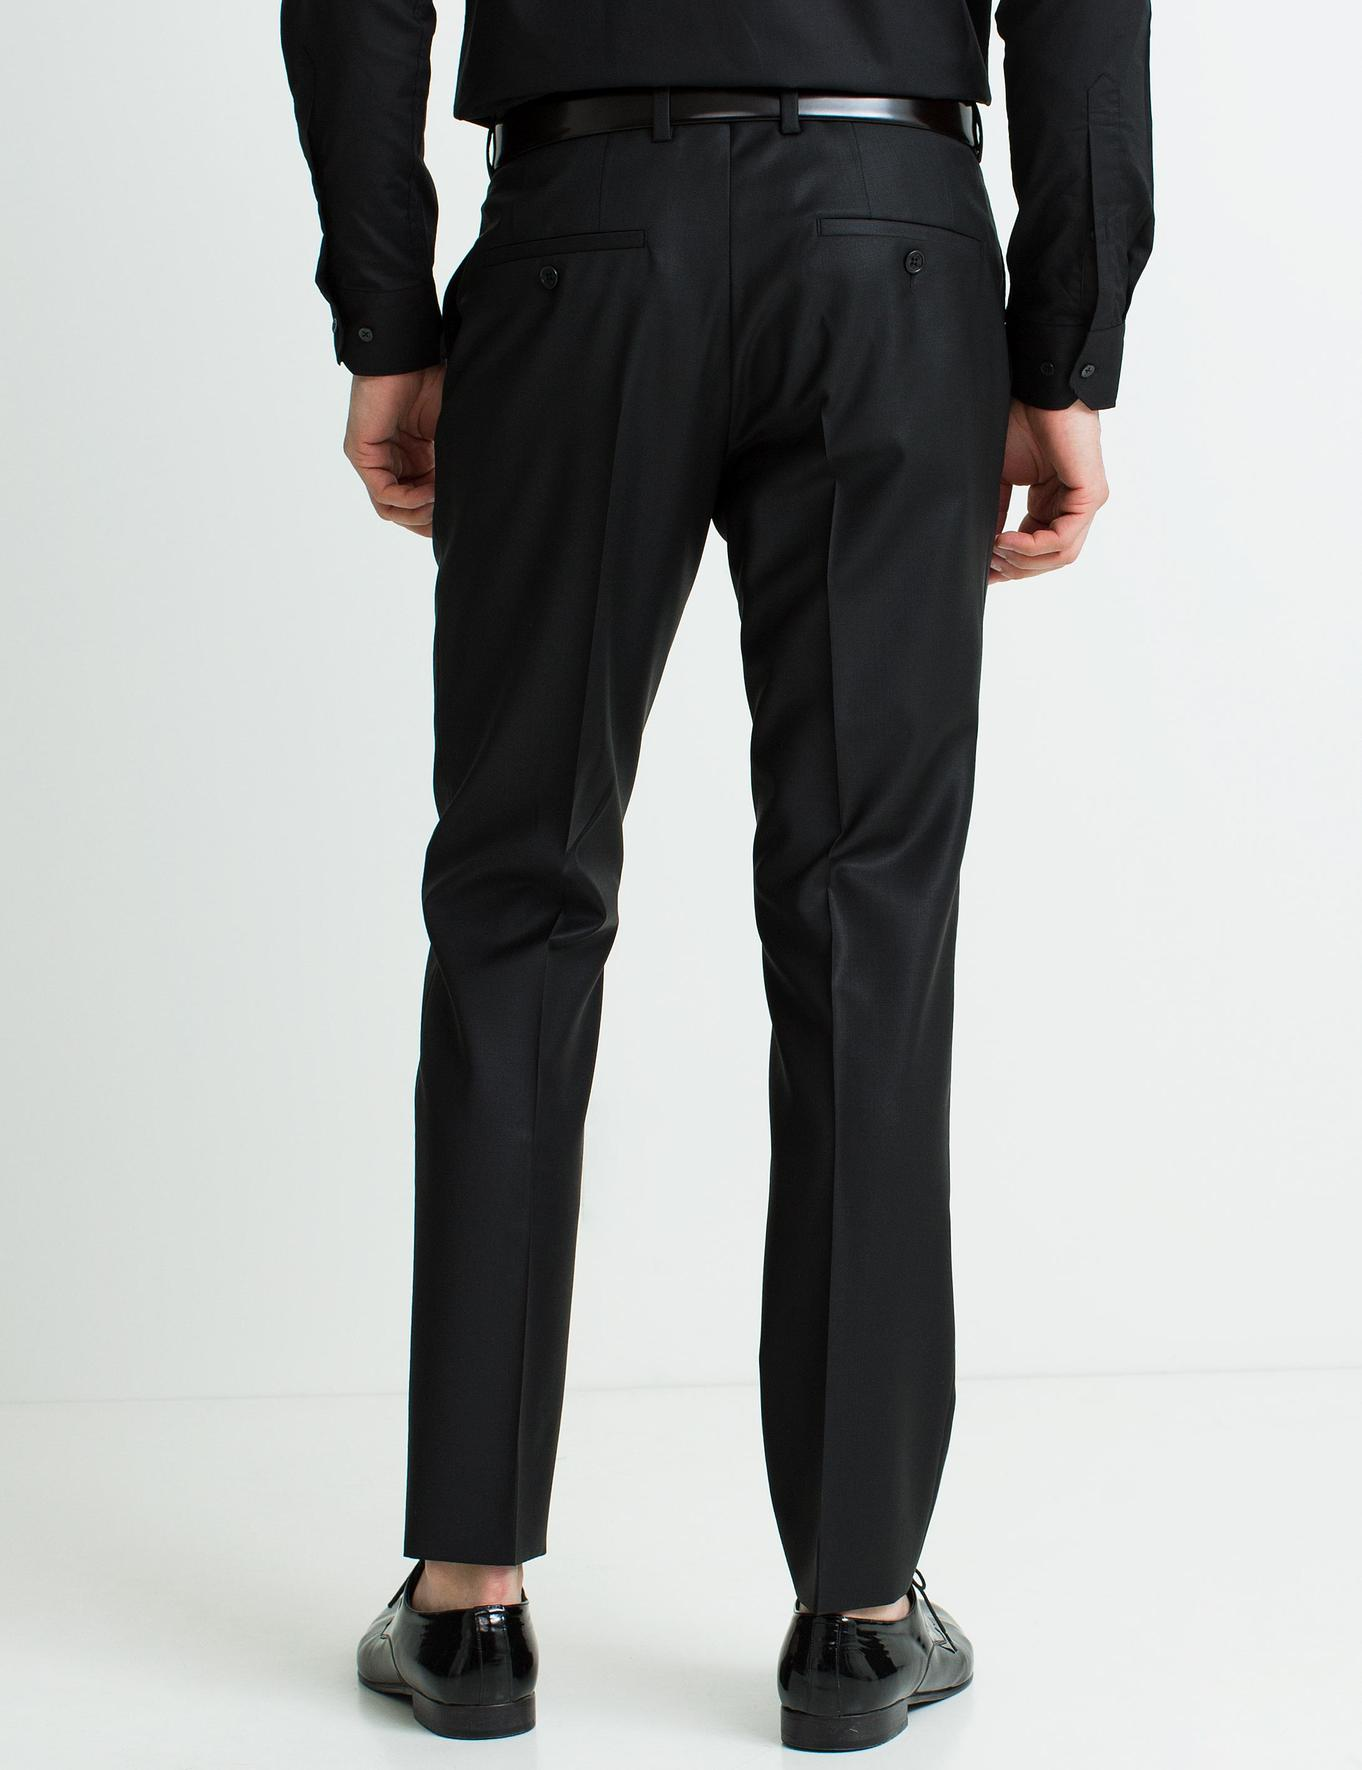 Siyah Slim Fit Pantolon